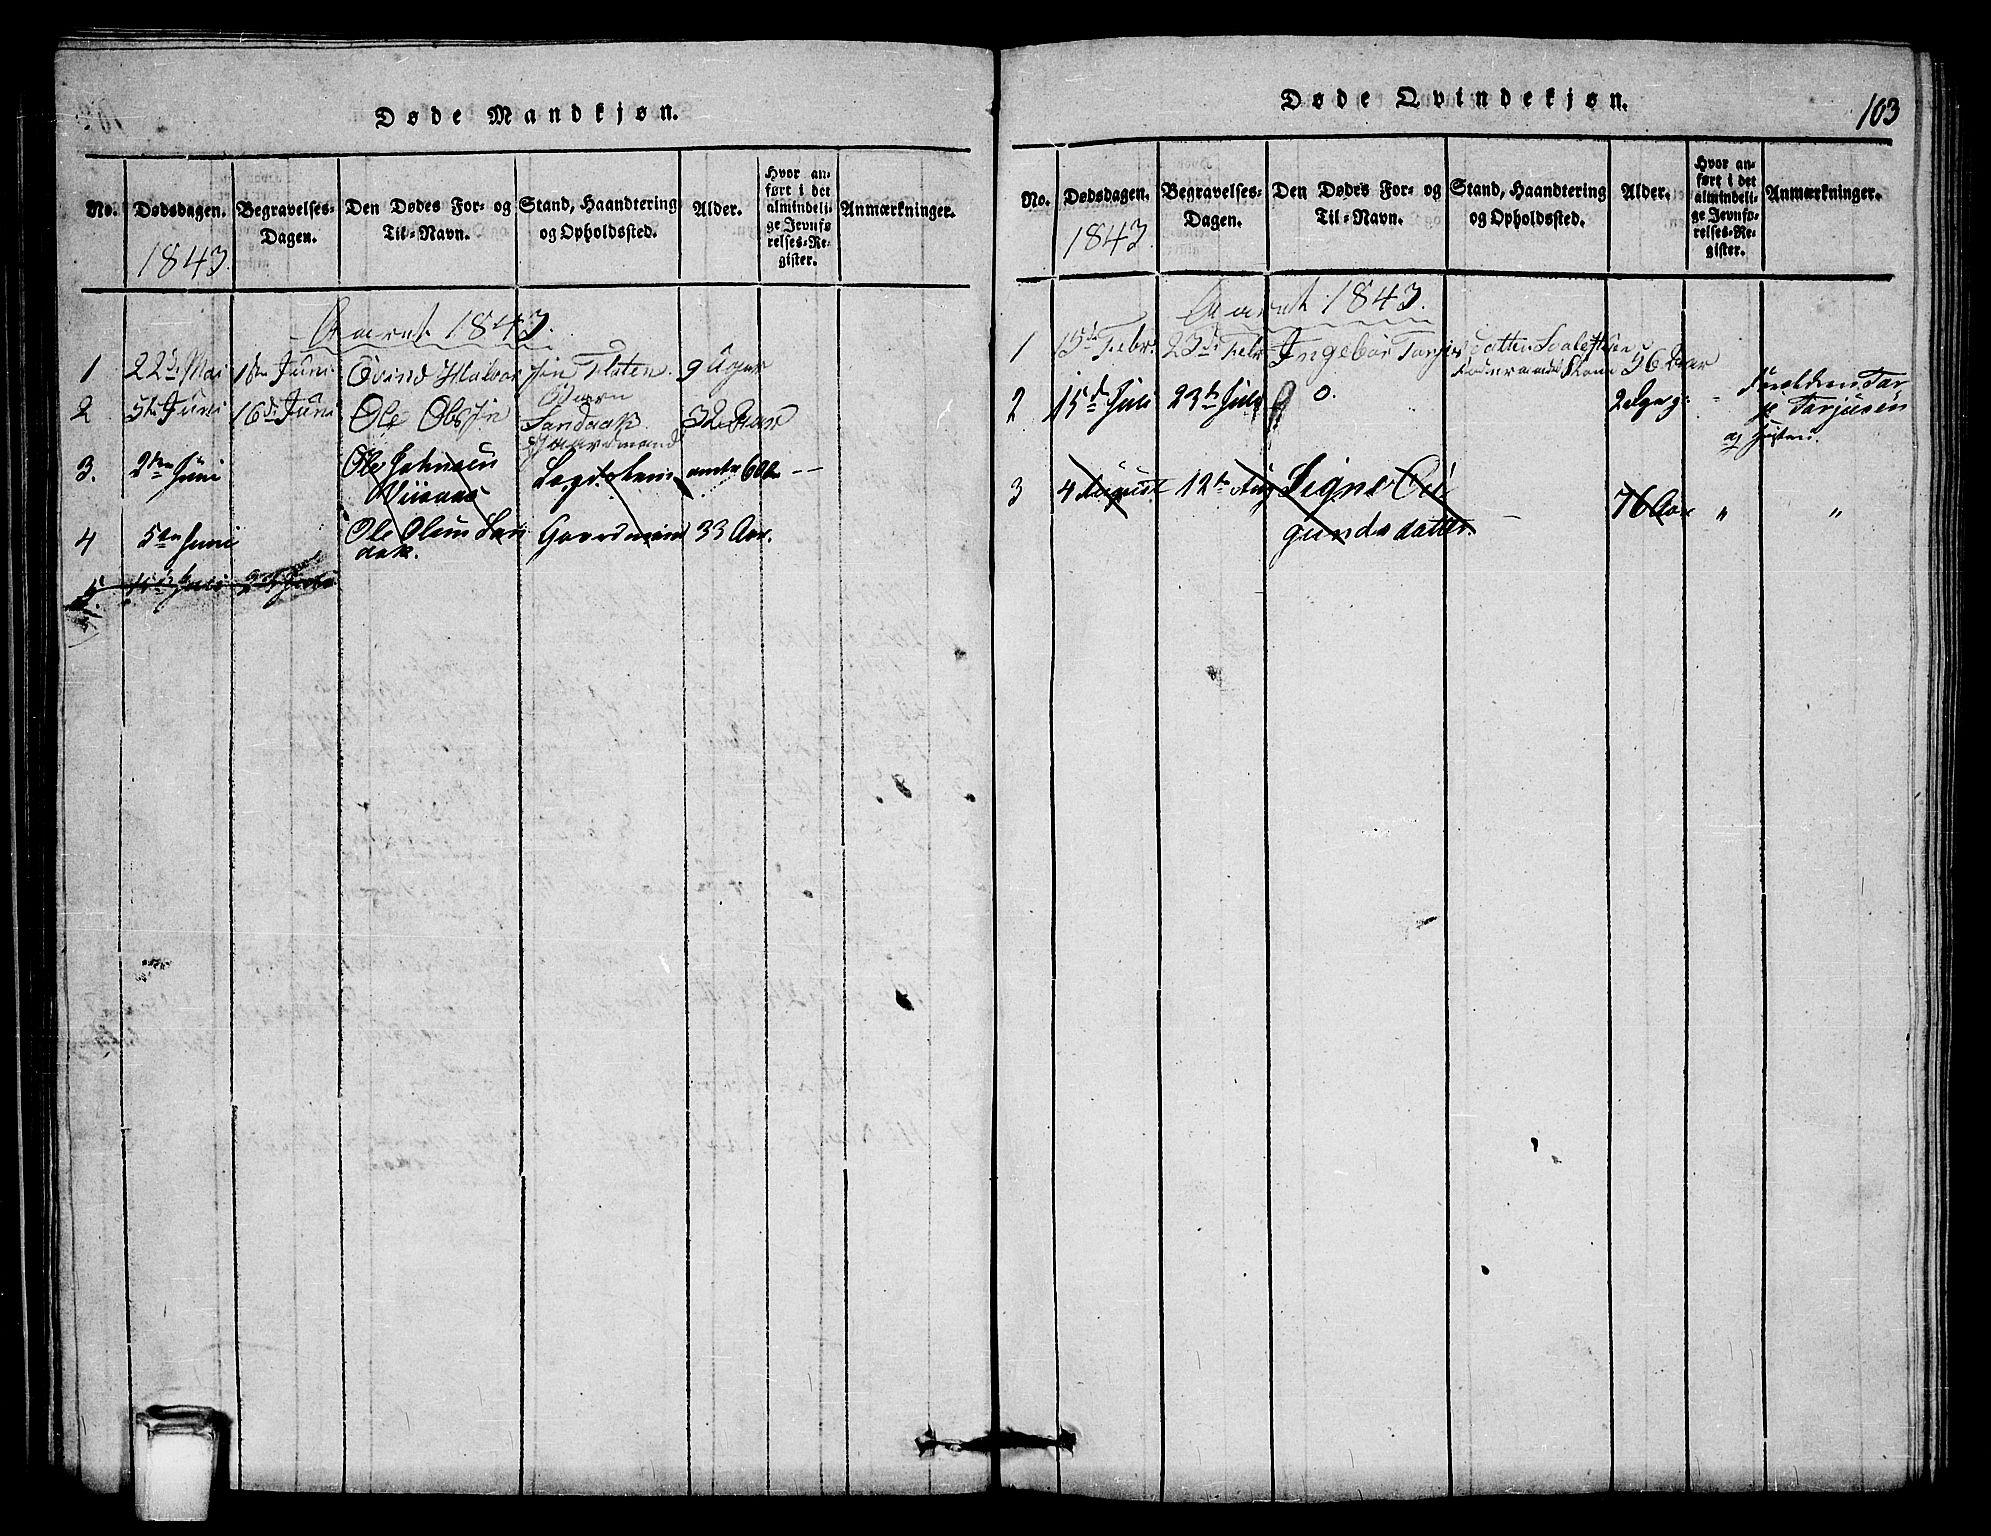 SAKO, Vinje kirkebøker, G/Gb/L0001: Klokkerbok nr. II 1, 1814-1843, s. 103